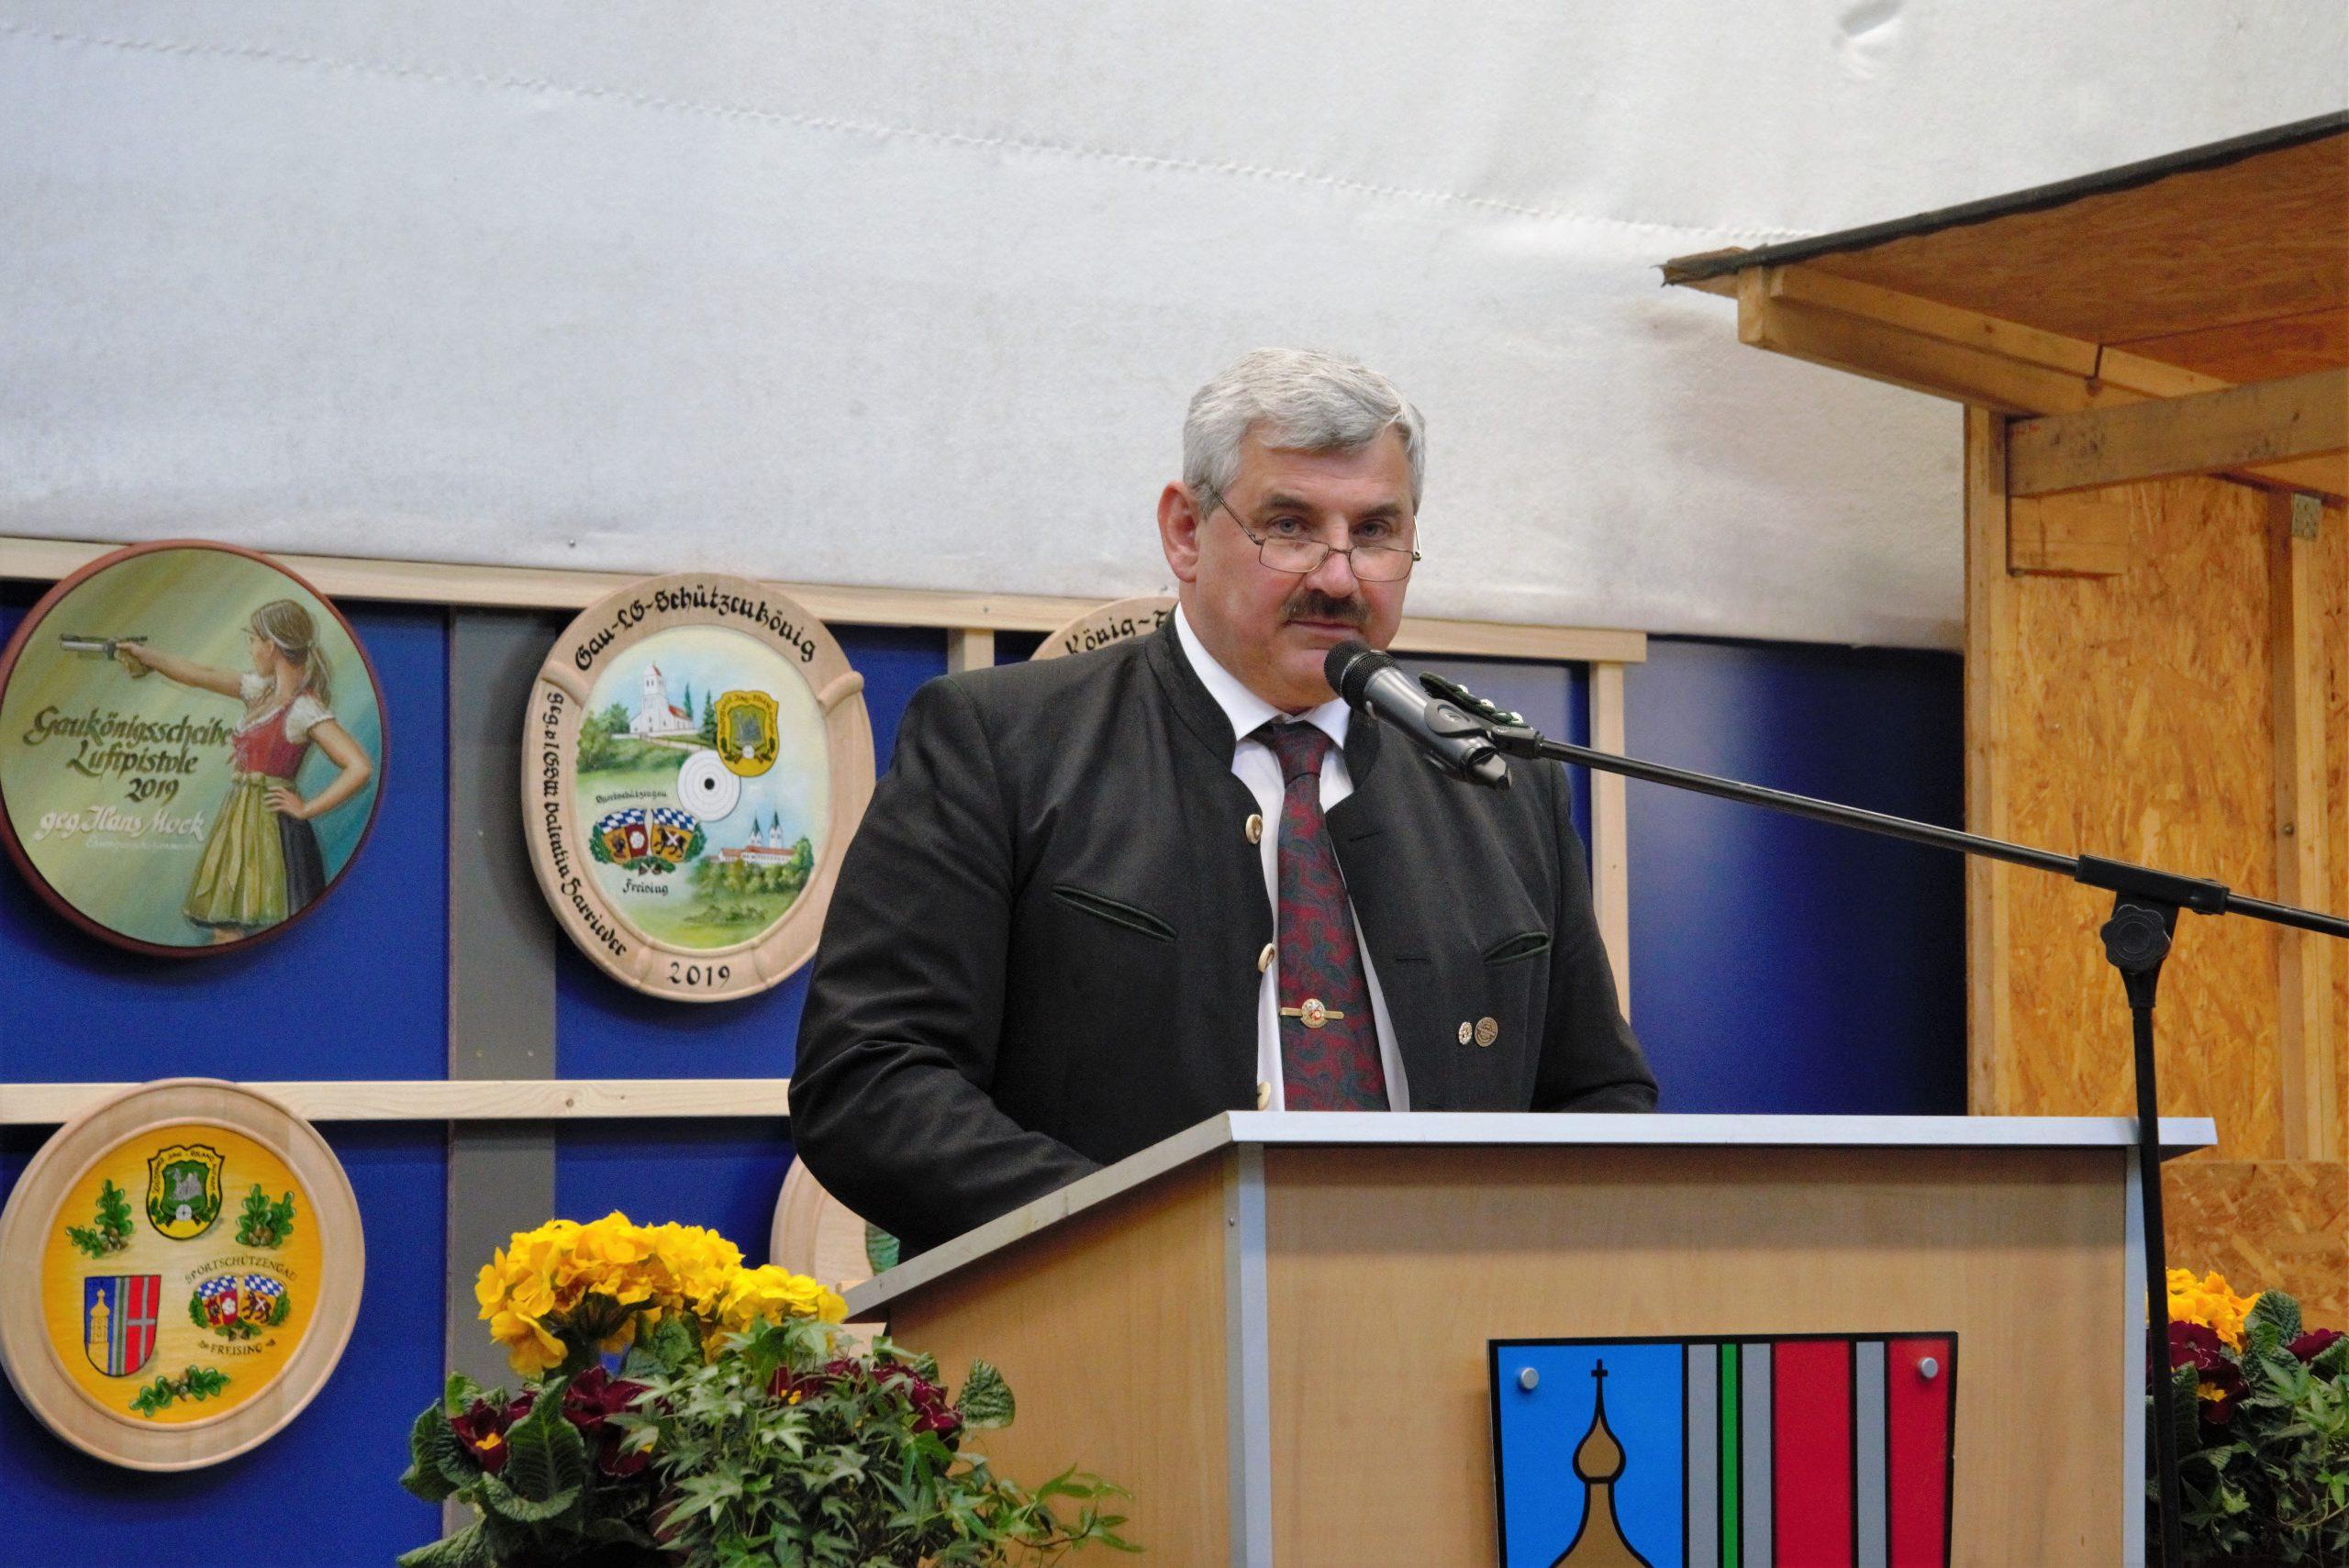 Gauschützenmeister Valentin Harrieder